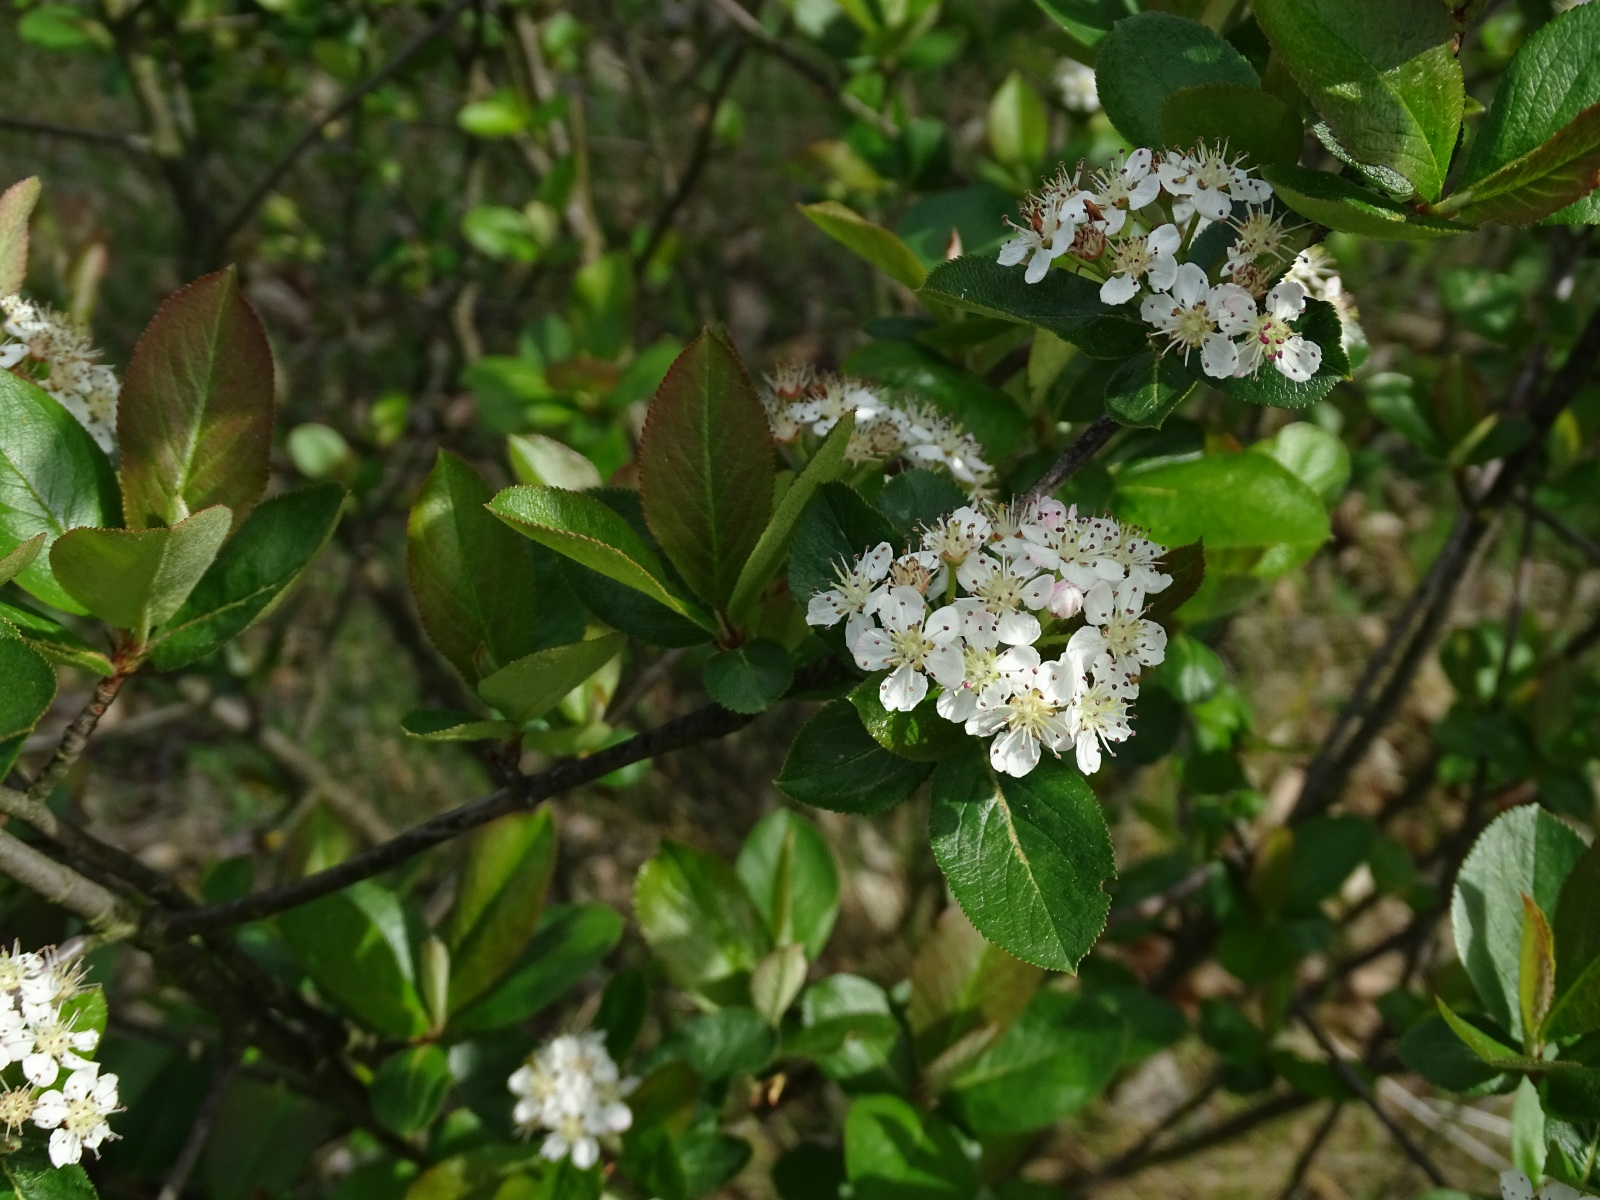 Aronia czarna, pęd z kwiatami, 21.05.2020 r.